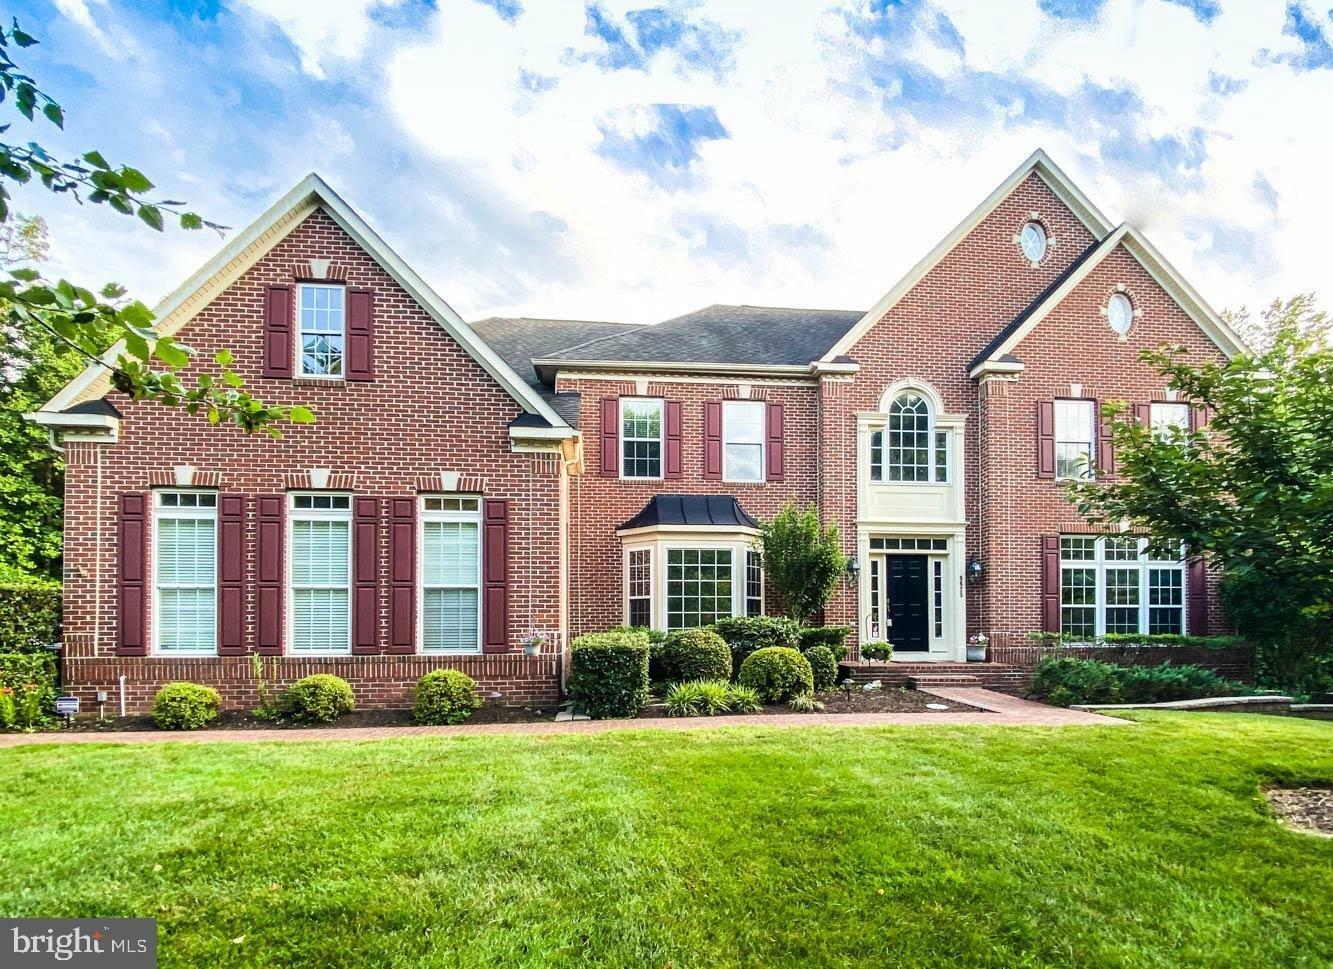 House in Manassas, Virginia, United States 1